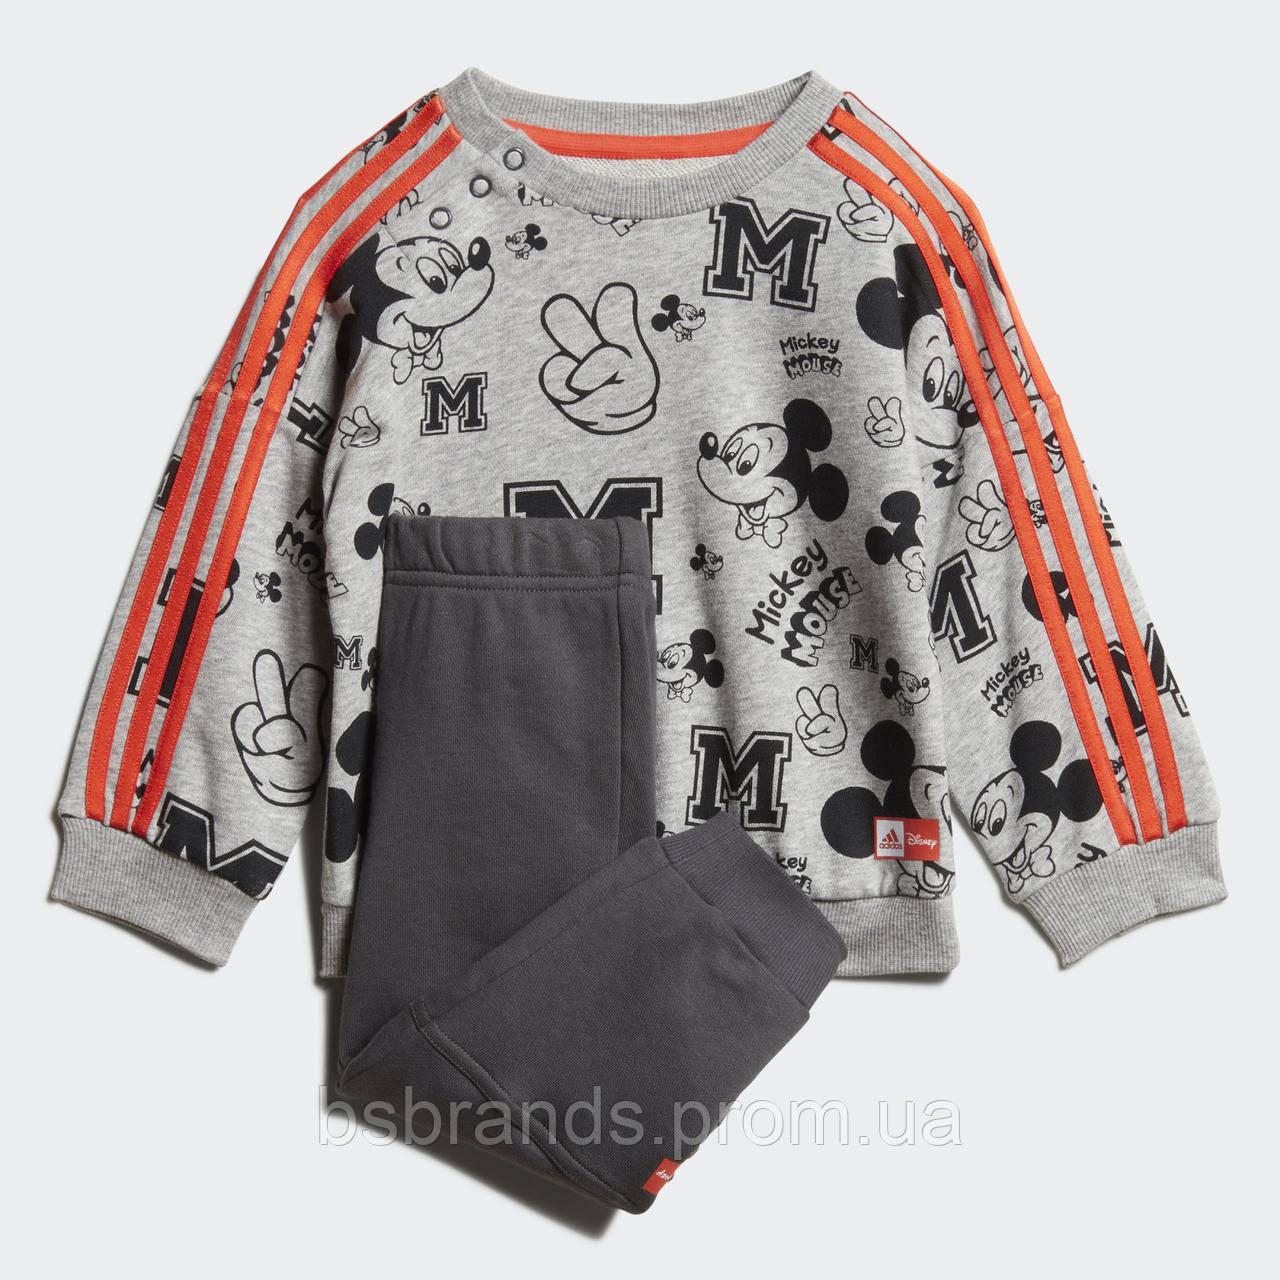 Детский спортивный костюм adidas Disney Mickey Mouse FM2865 (2020/1)